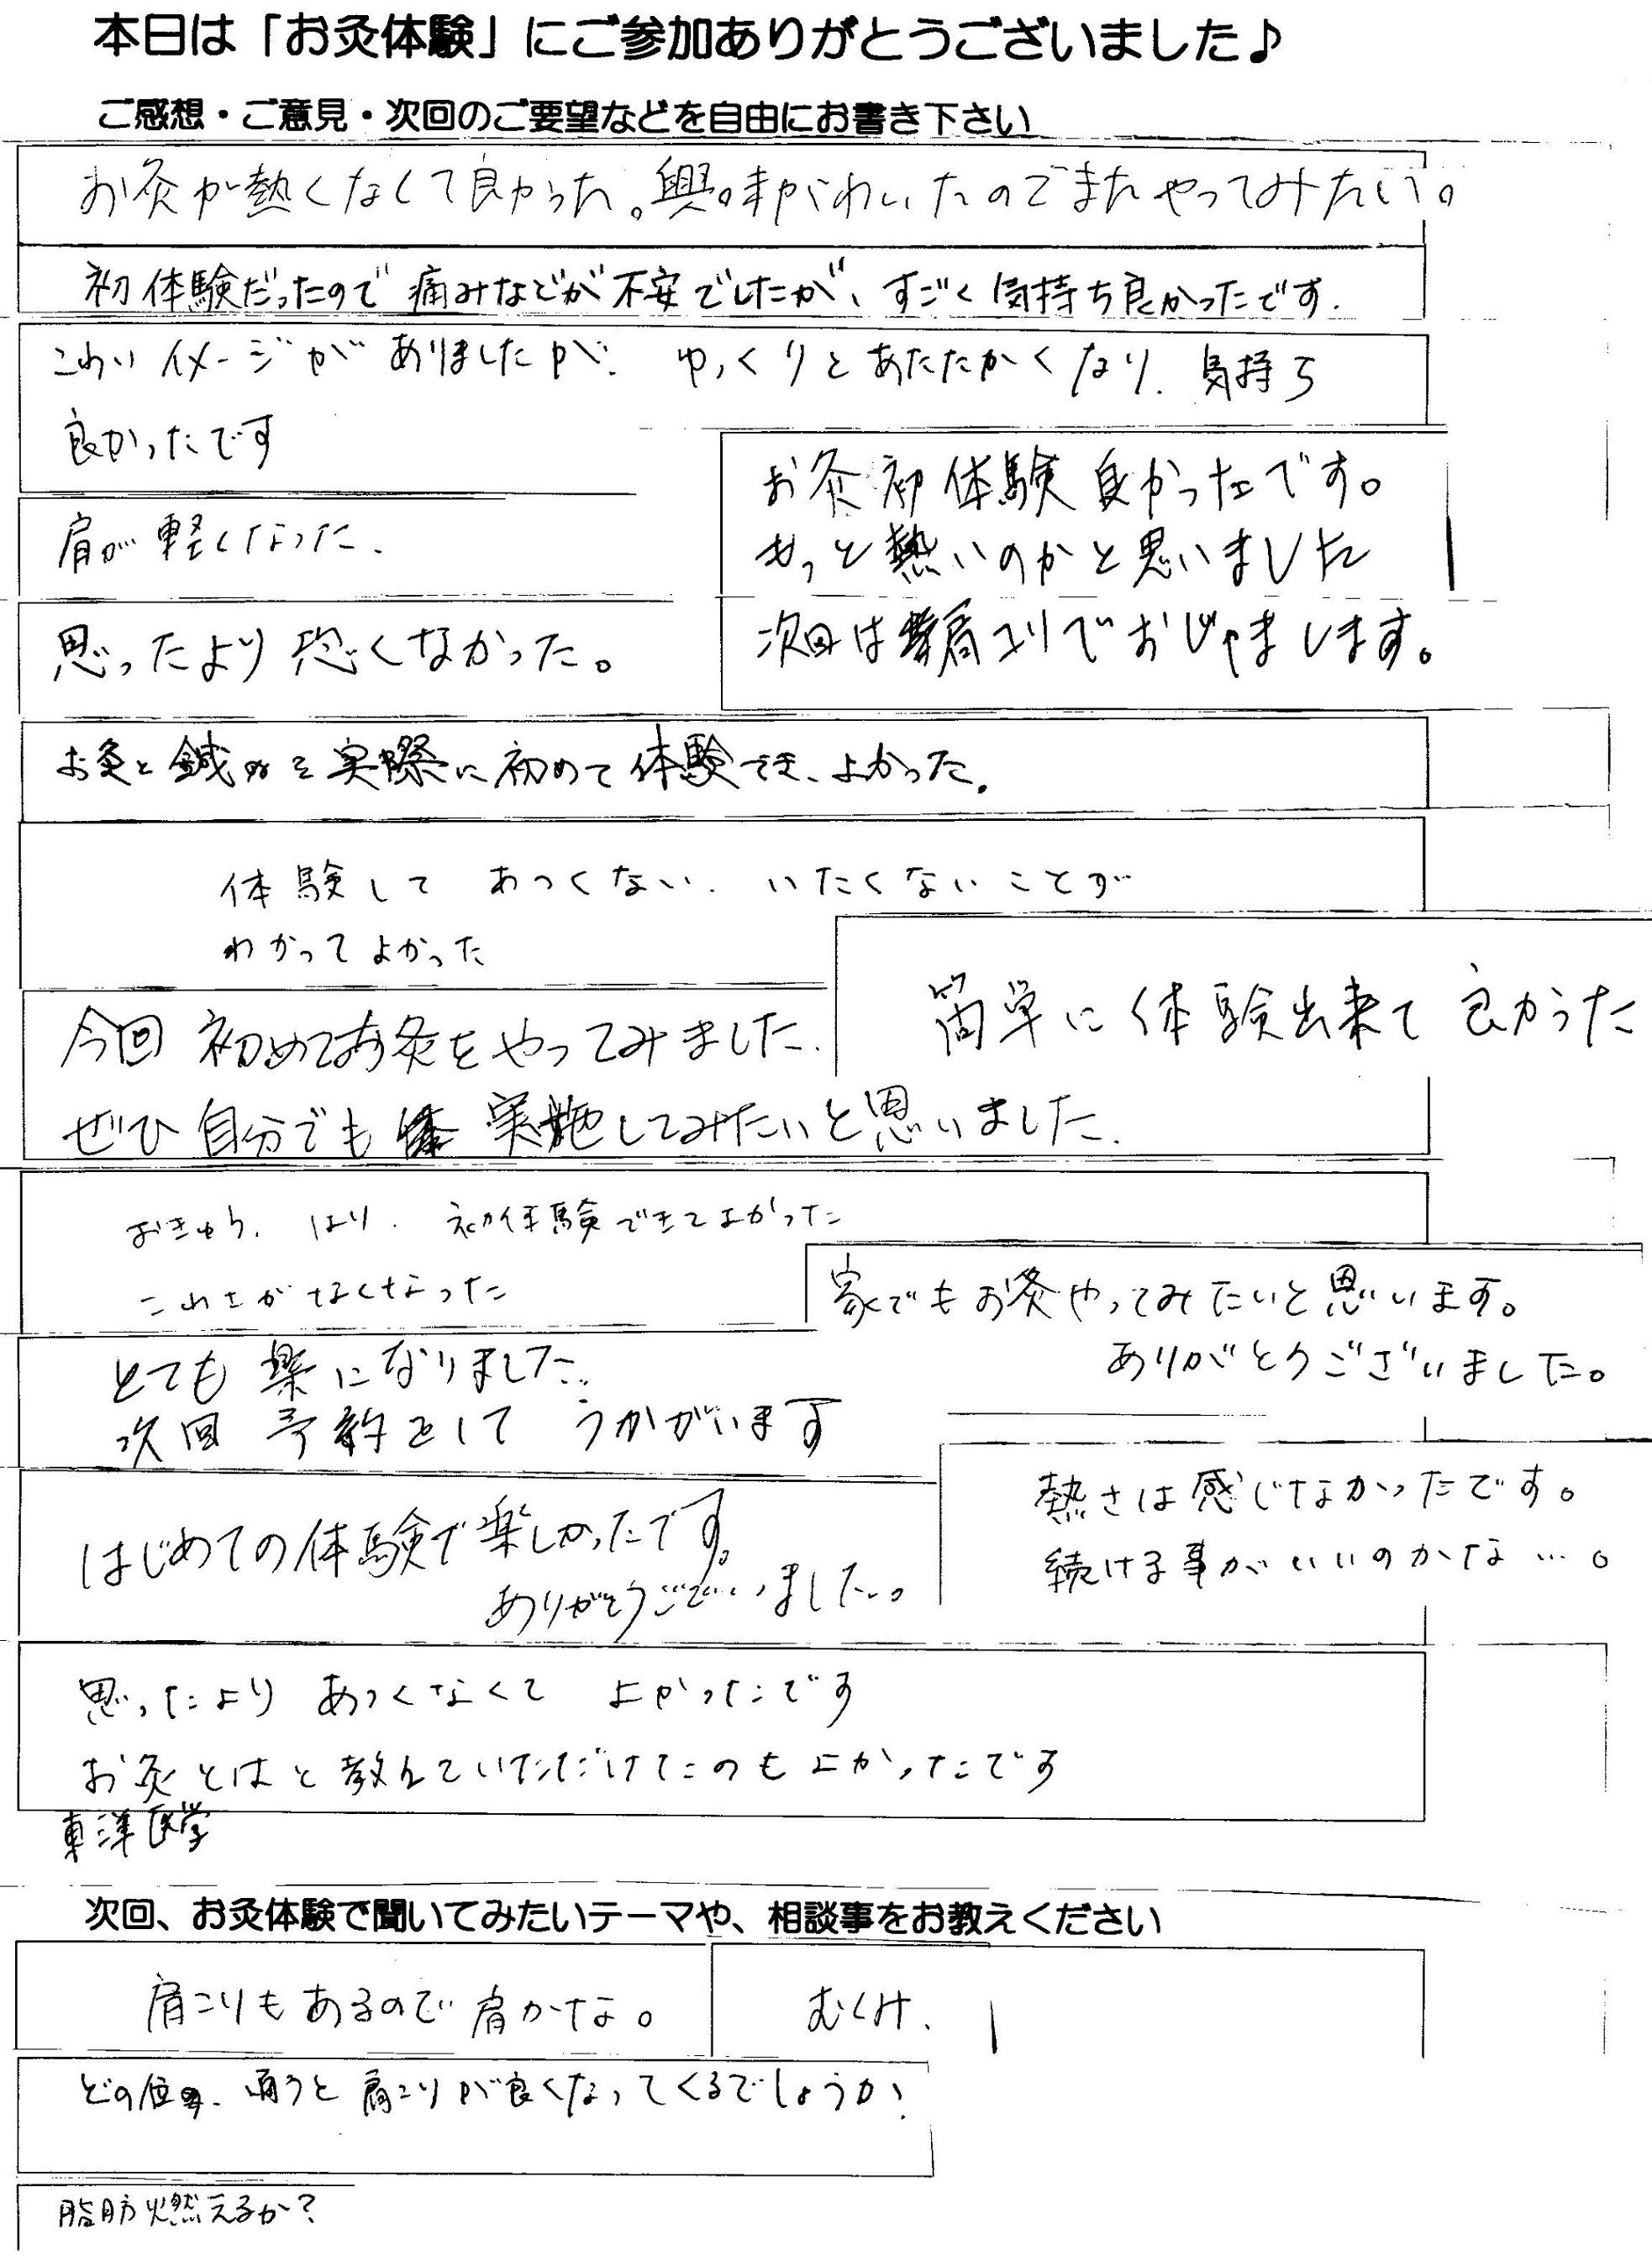 マチナカマルシェご参加者アンケート♪